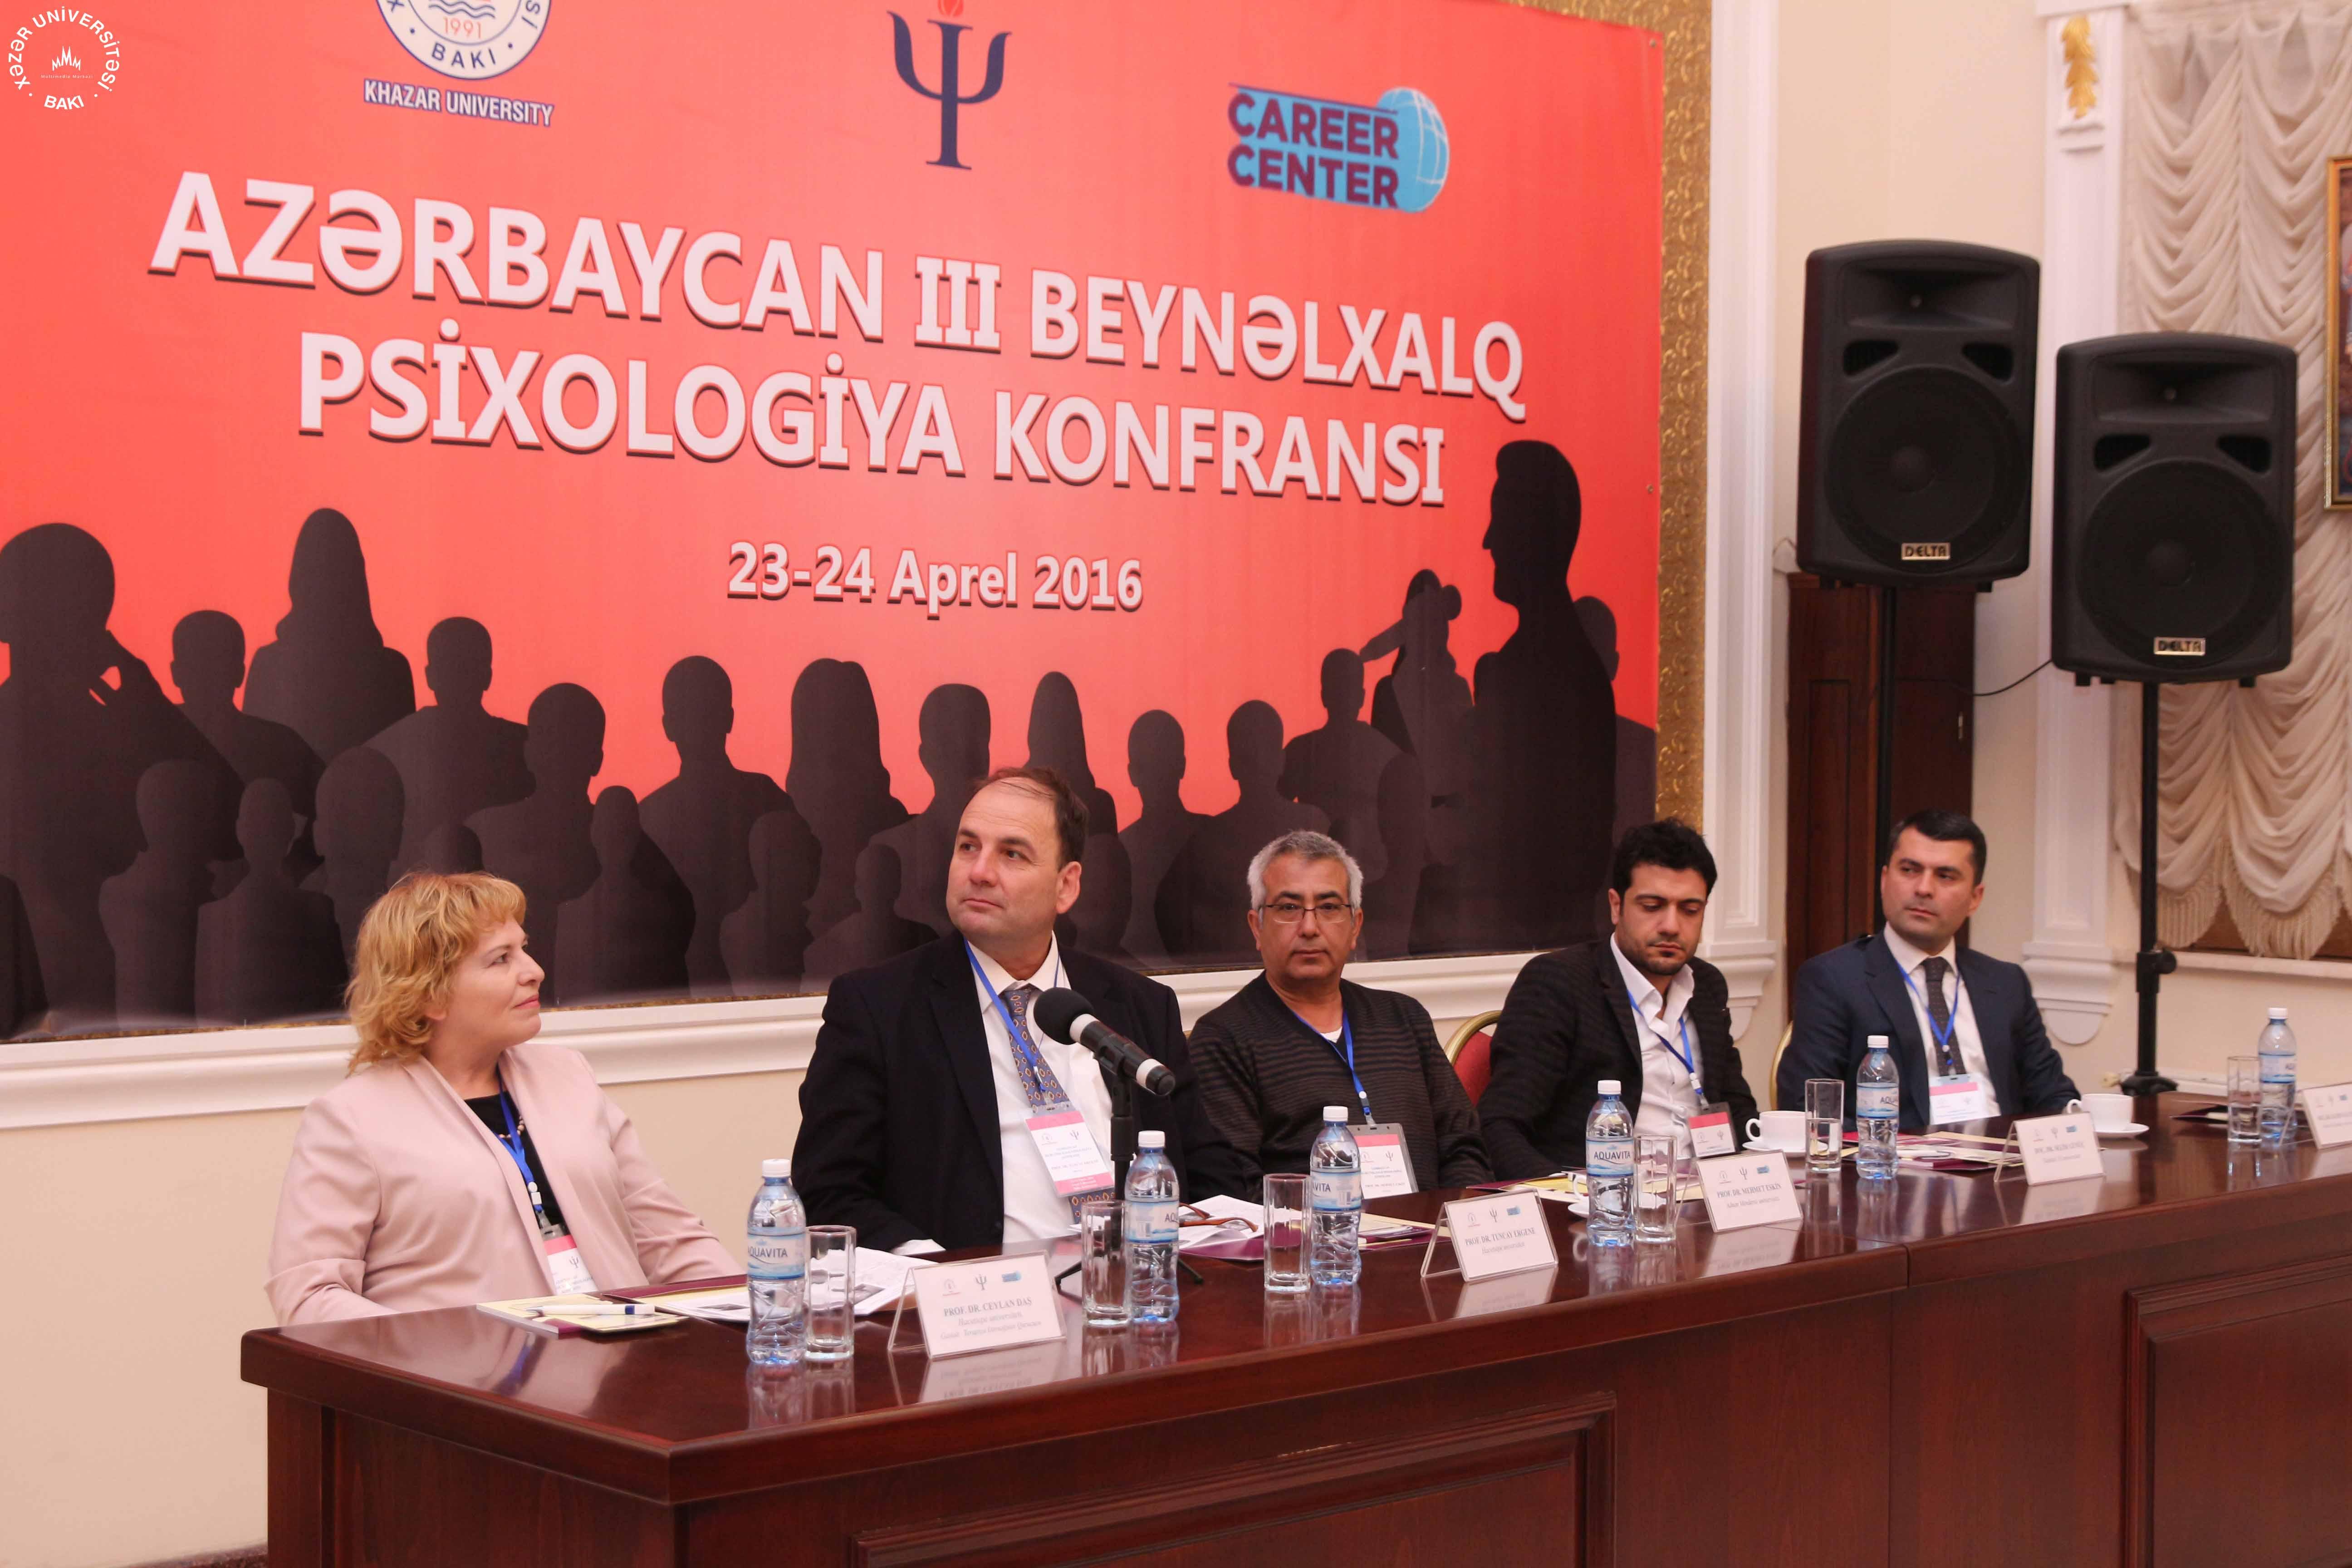 Azərbaycan III Beynəlxalq Psixologiya Konfransı keçirildi.